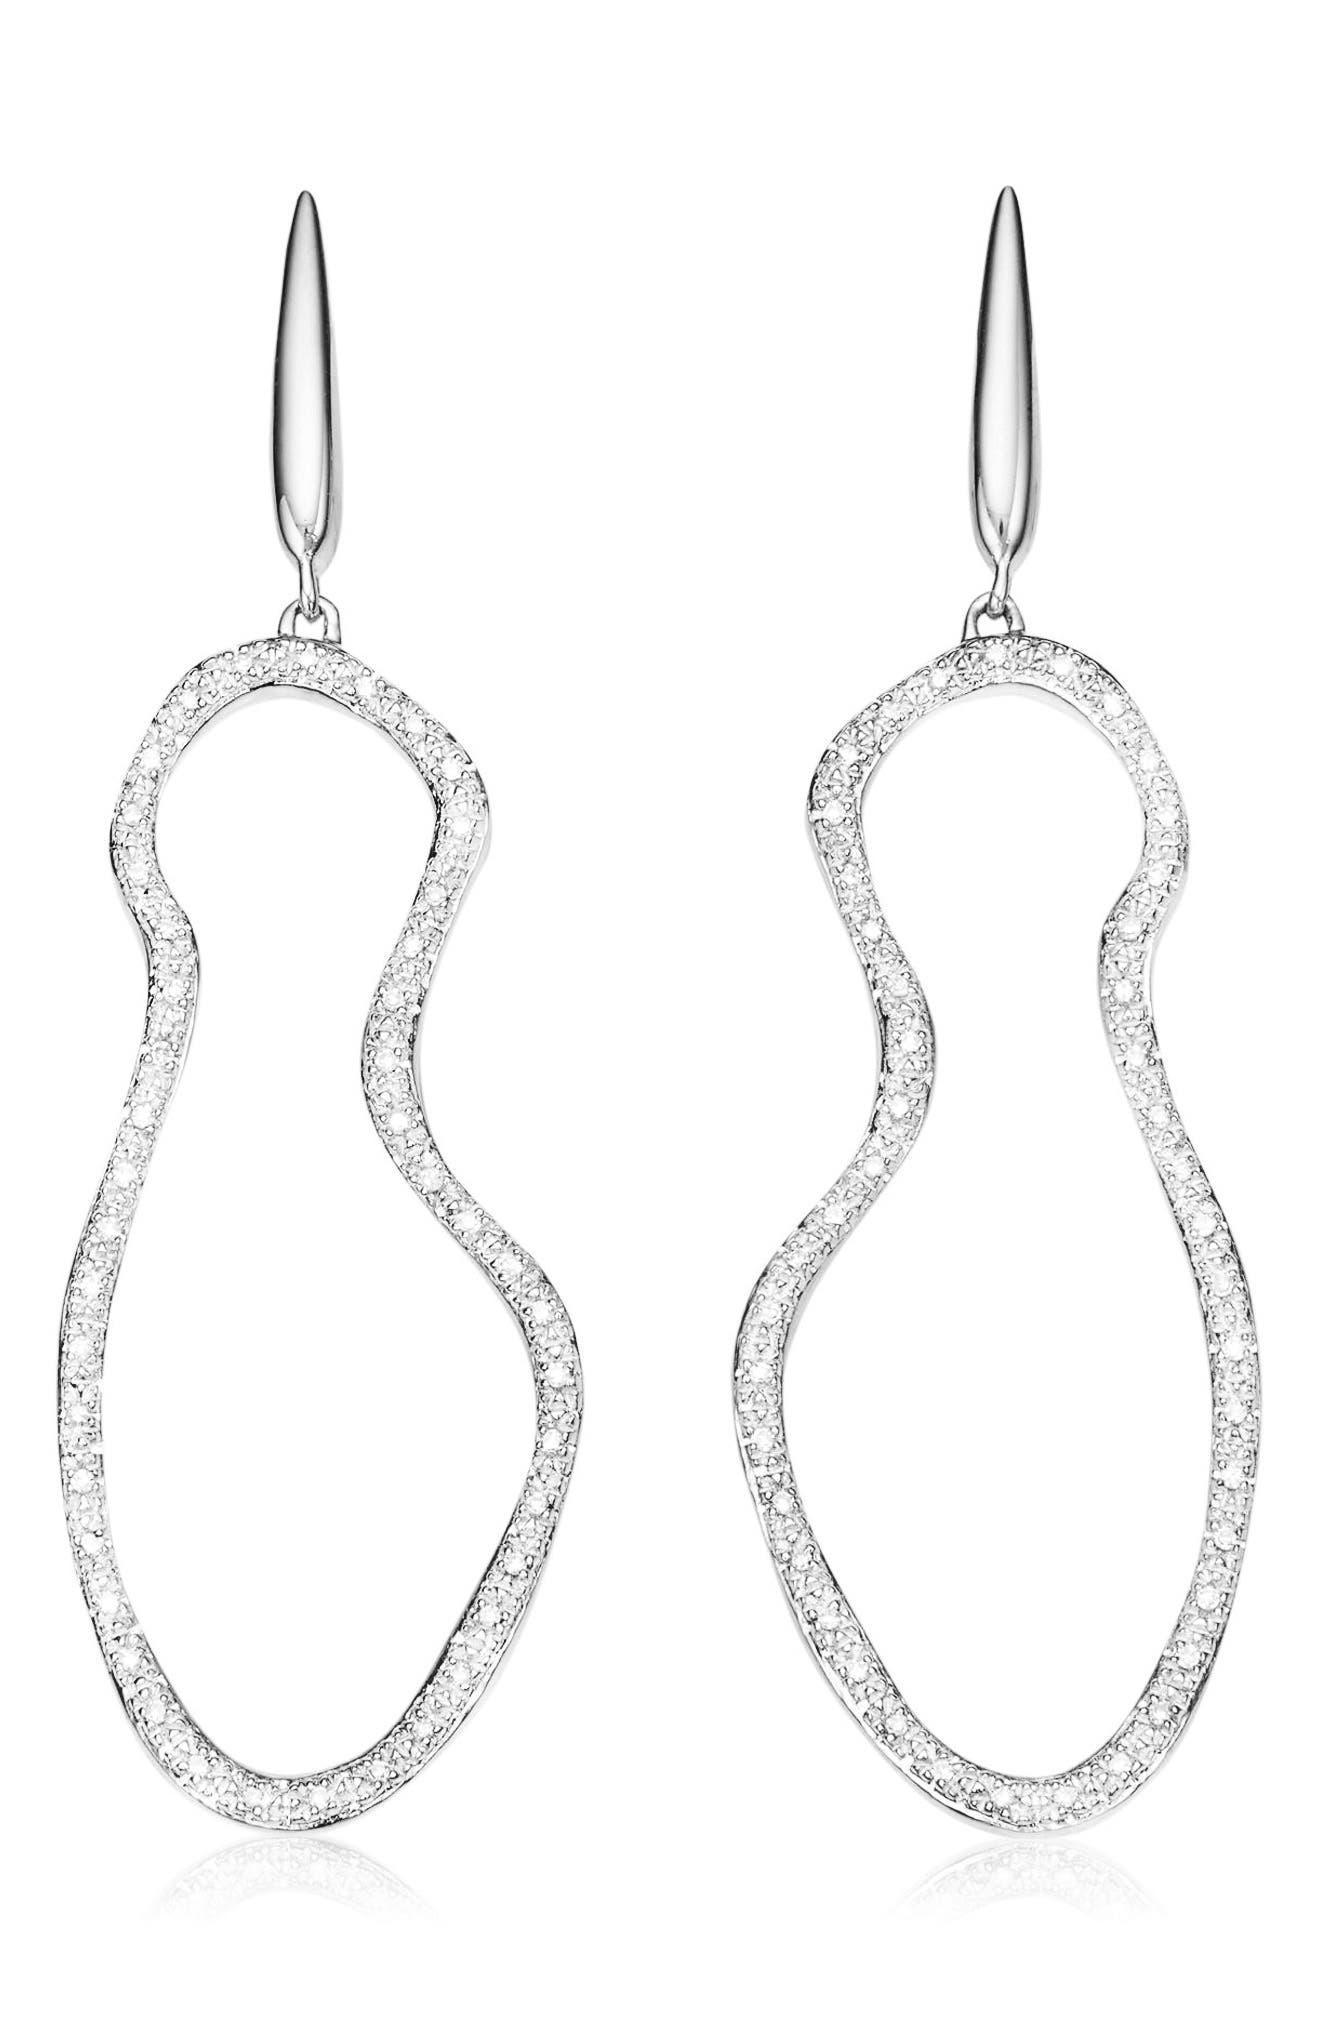 Alternate Image 1 Selected - Monica Vinader Riva Pod Diamond Cocktail Earrings